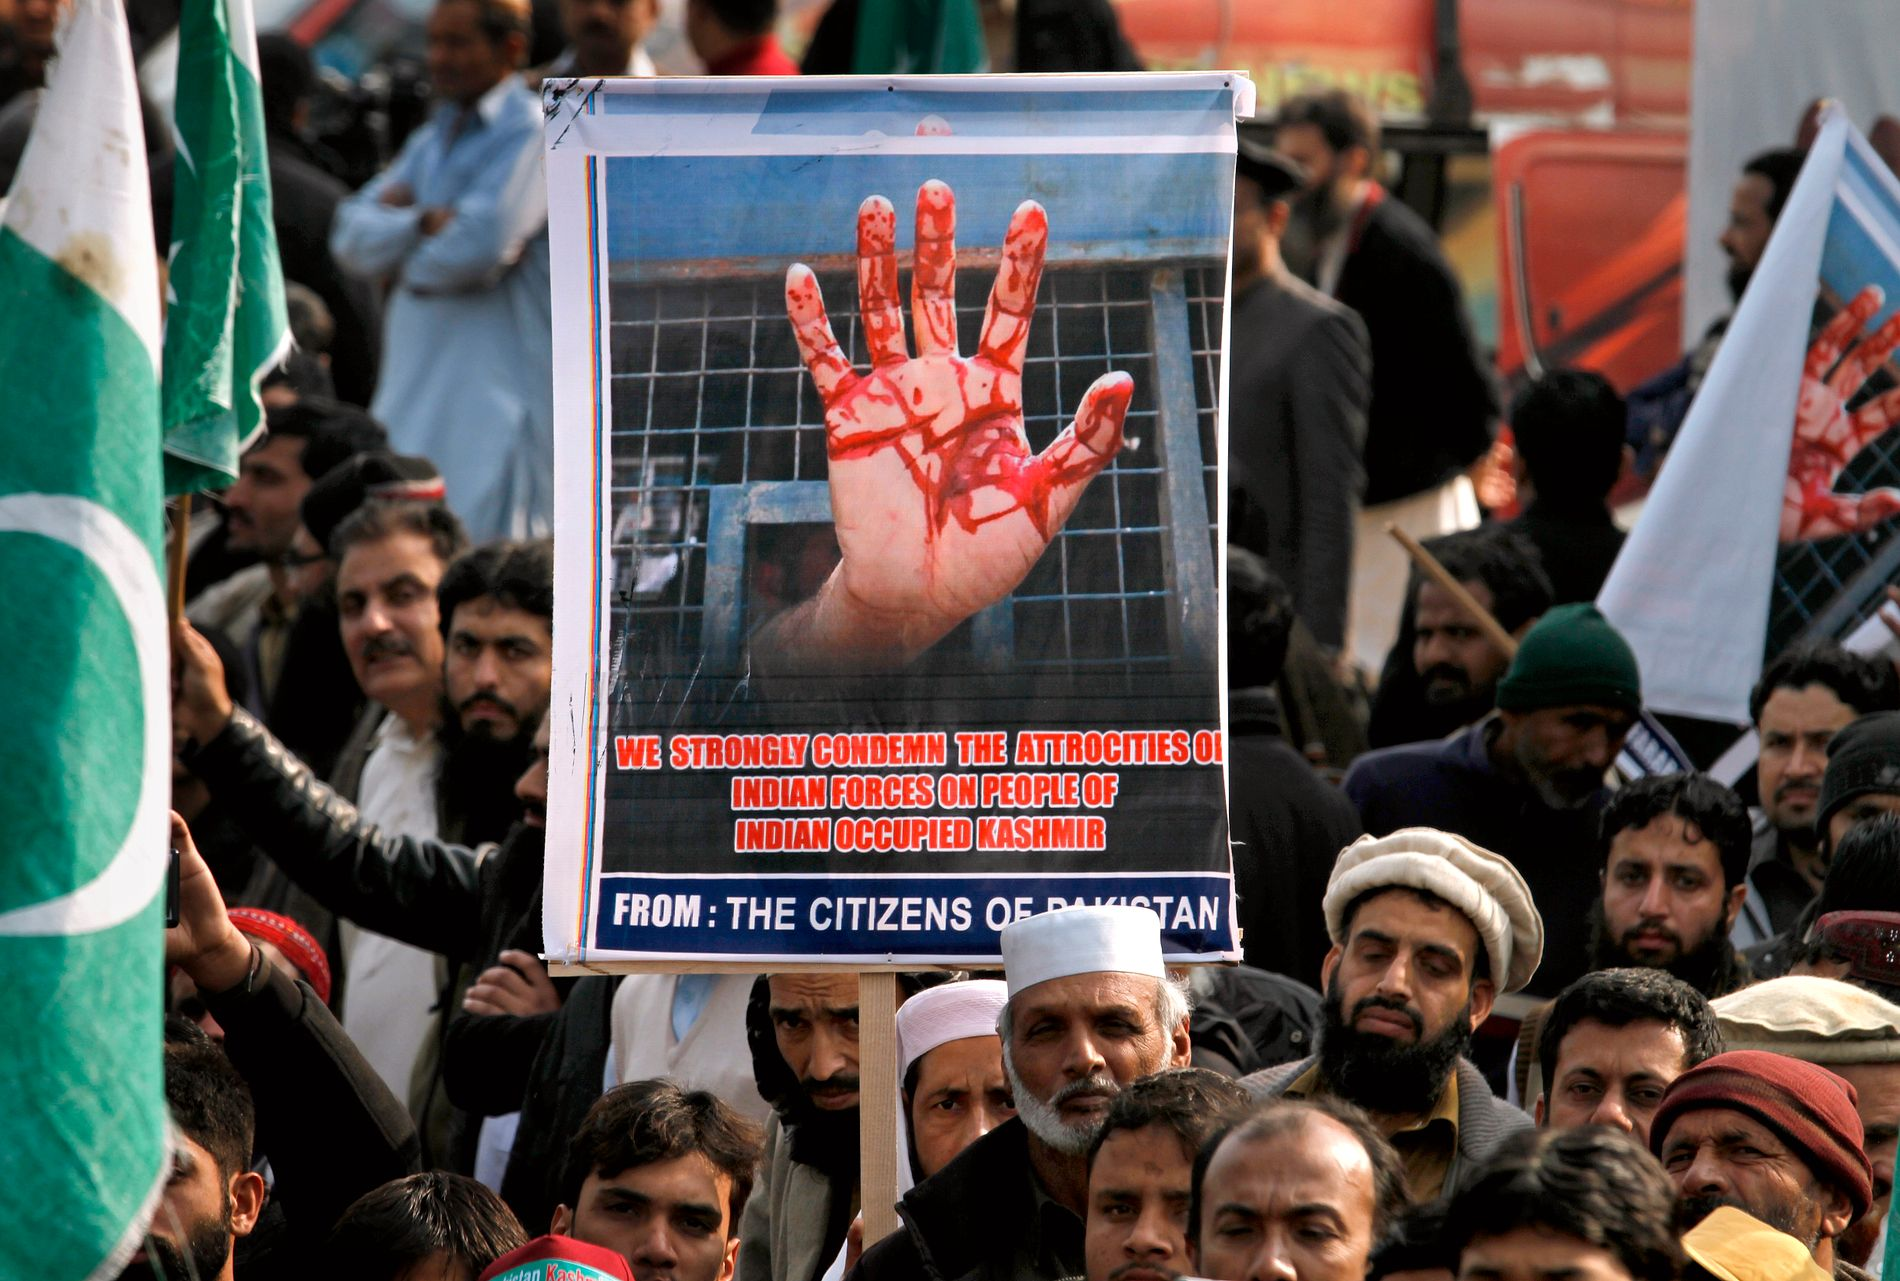 MER VOLDELIG: Kashmirene fremmet lenge sin sak med fredelige midler. Men utover på 1990-tallet ble konflikten voldelig. En ny generasjon Kashmirier tok til våpen i kampen mot indisk overherredømme. Her markeres Kashmir Solidarity Day i Islamabad, Pakistan, tidligere i år.